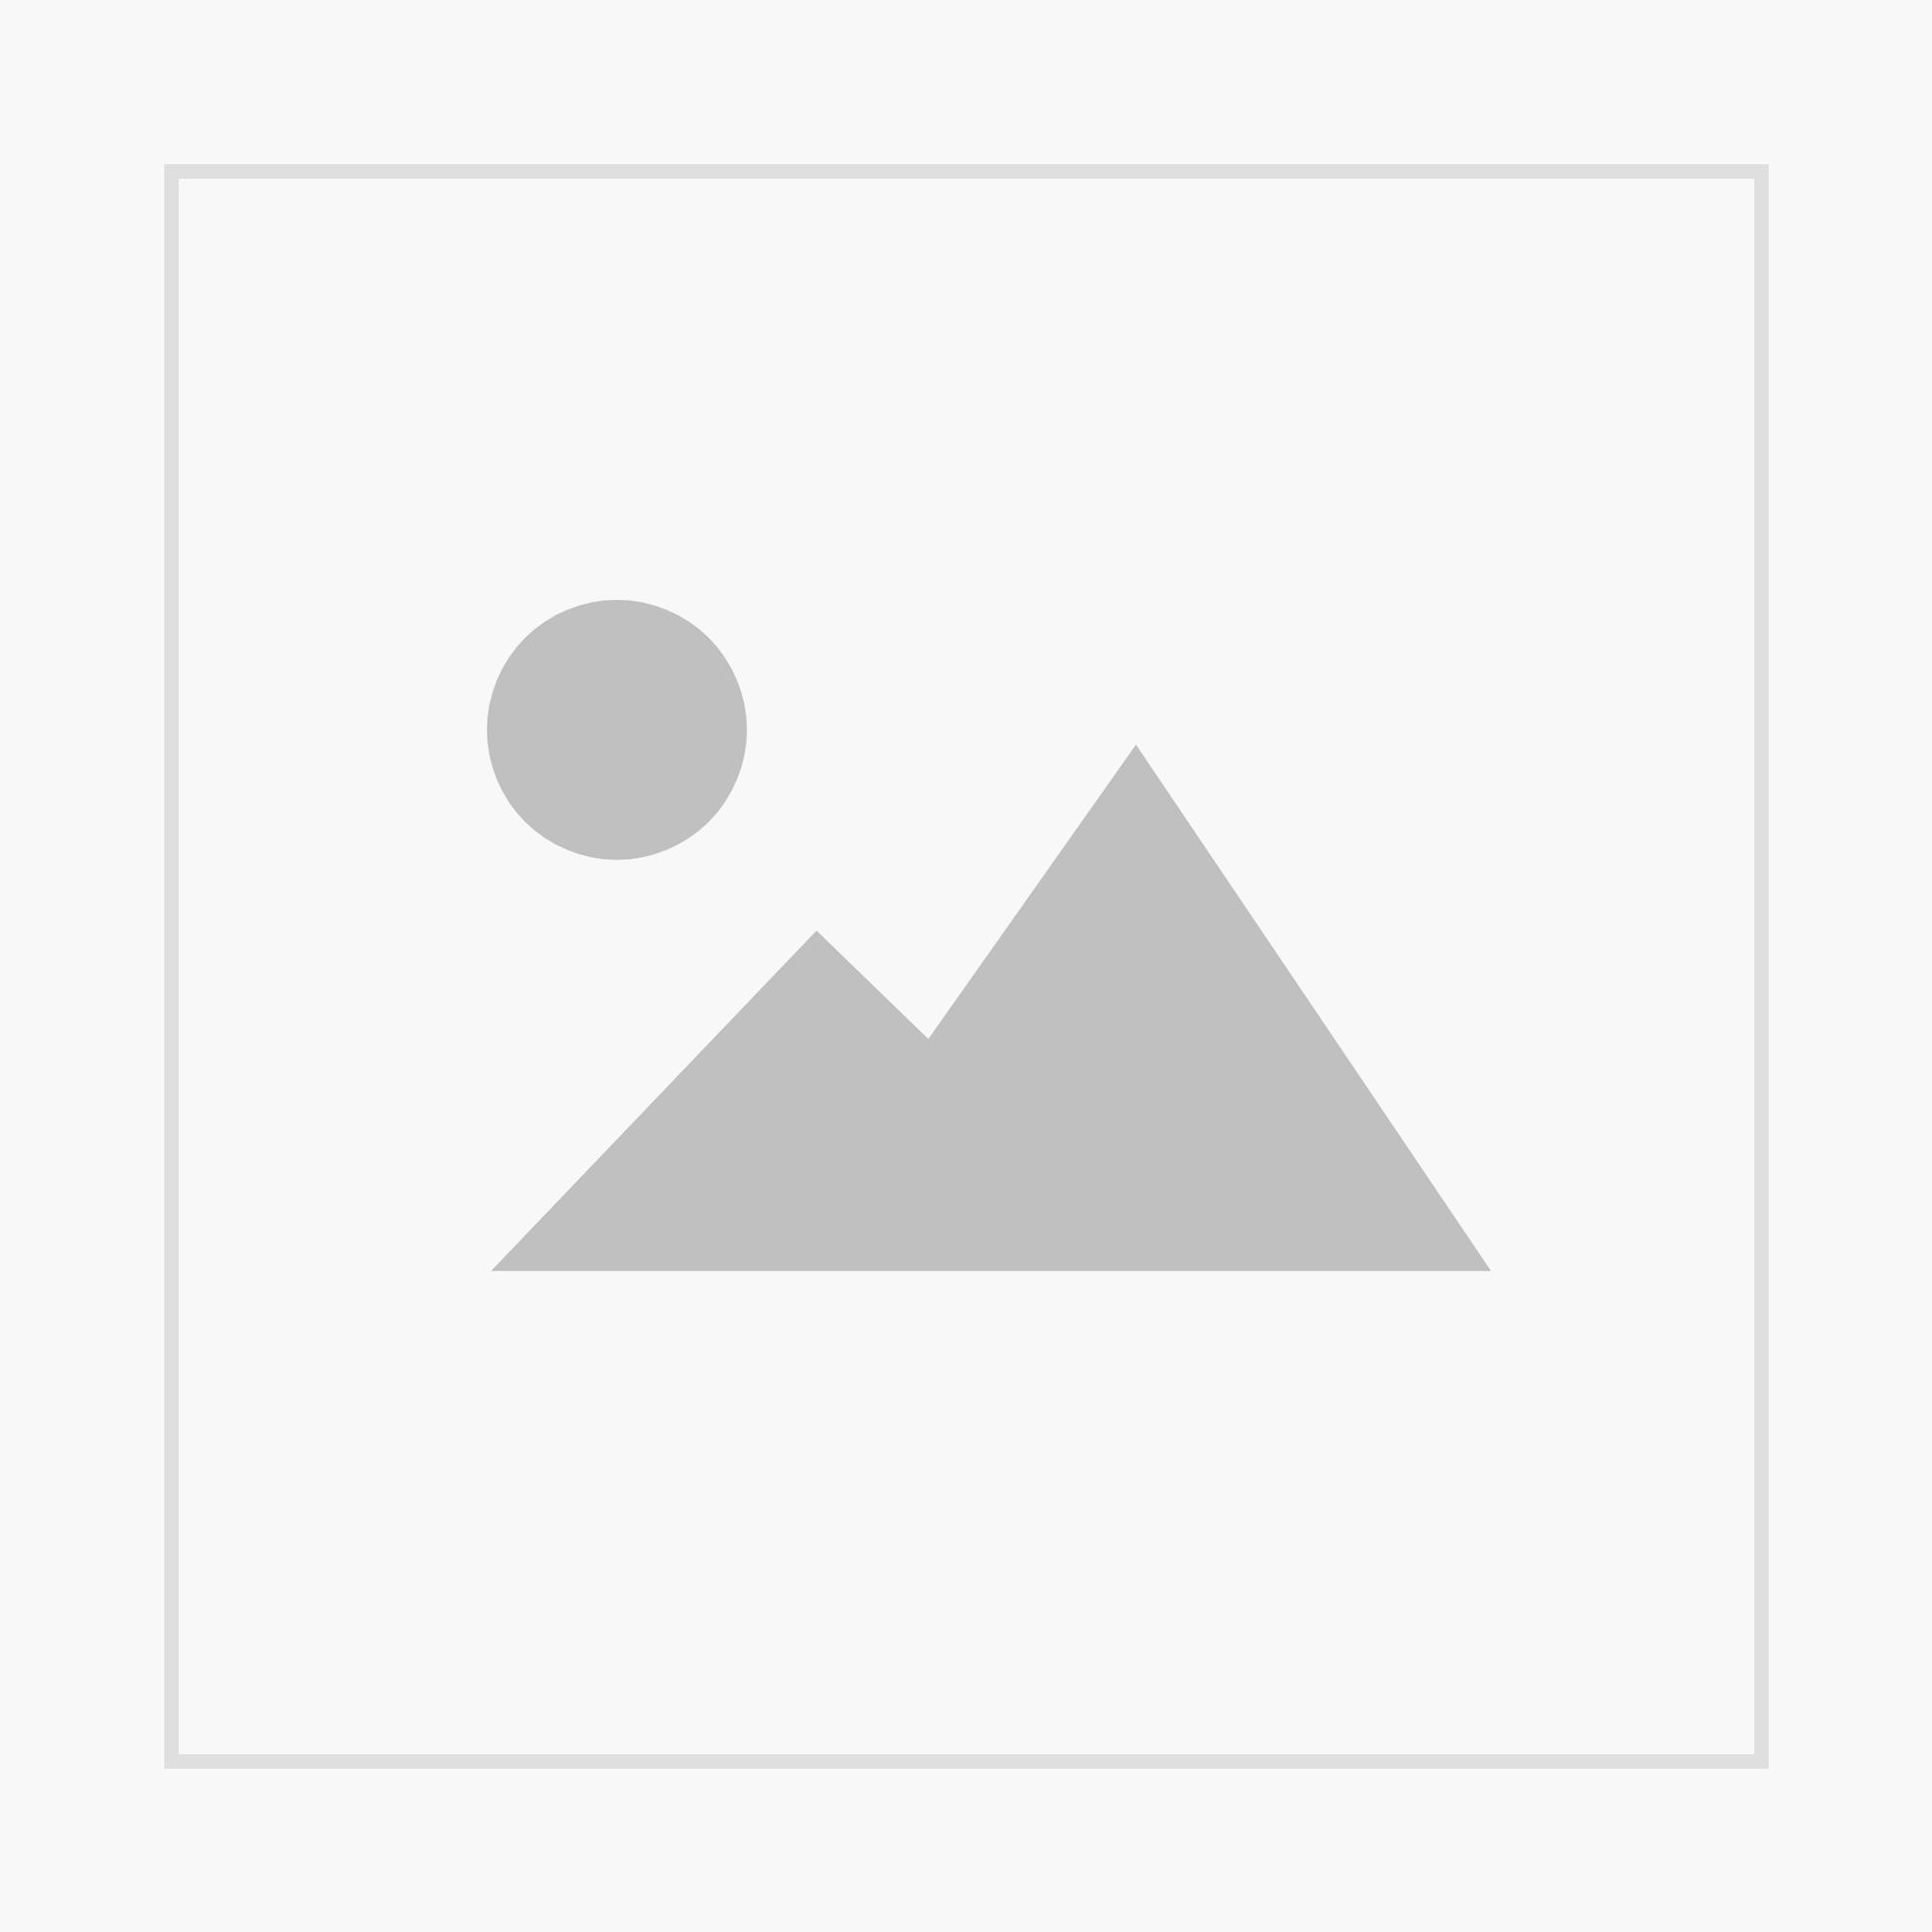 ALÖ Heft 36: Entwicklungspotenziale der Natur in der Kulturlandschaft. Wissenschaftliche Ergebnisse aus der Modellregion Ise-Niederung